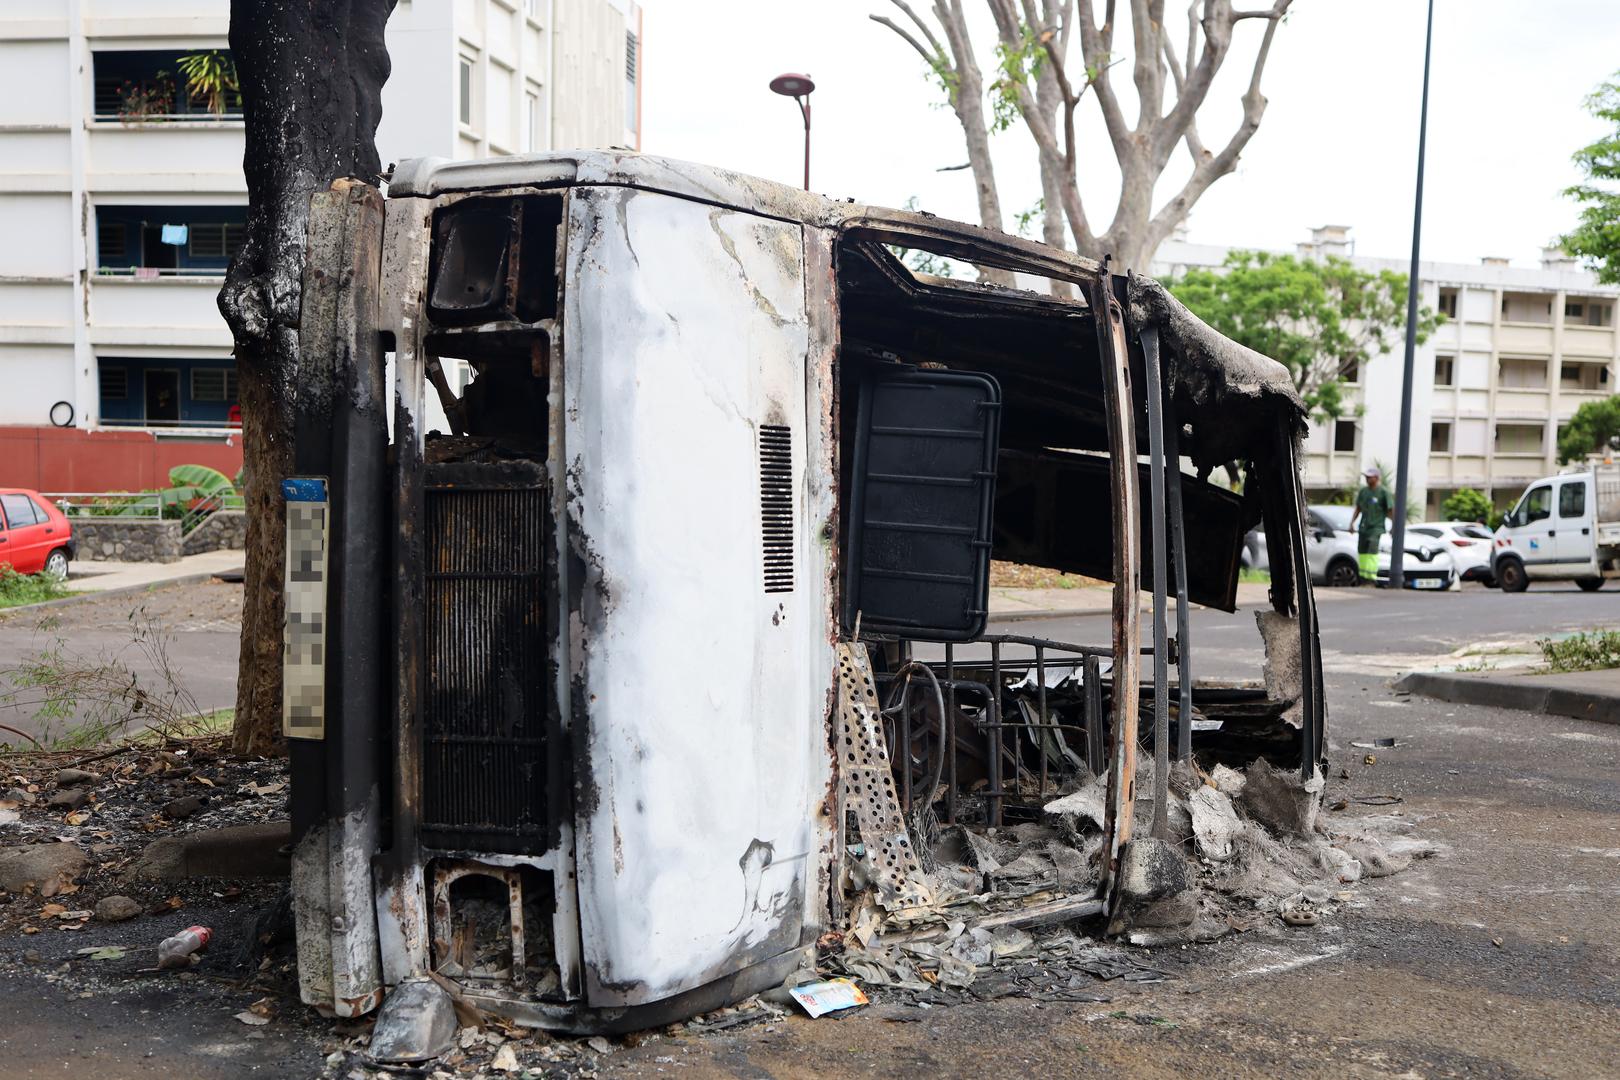 La Réunion : tensions après la mort d'un motard dans une collision avec la police (IMAGES)